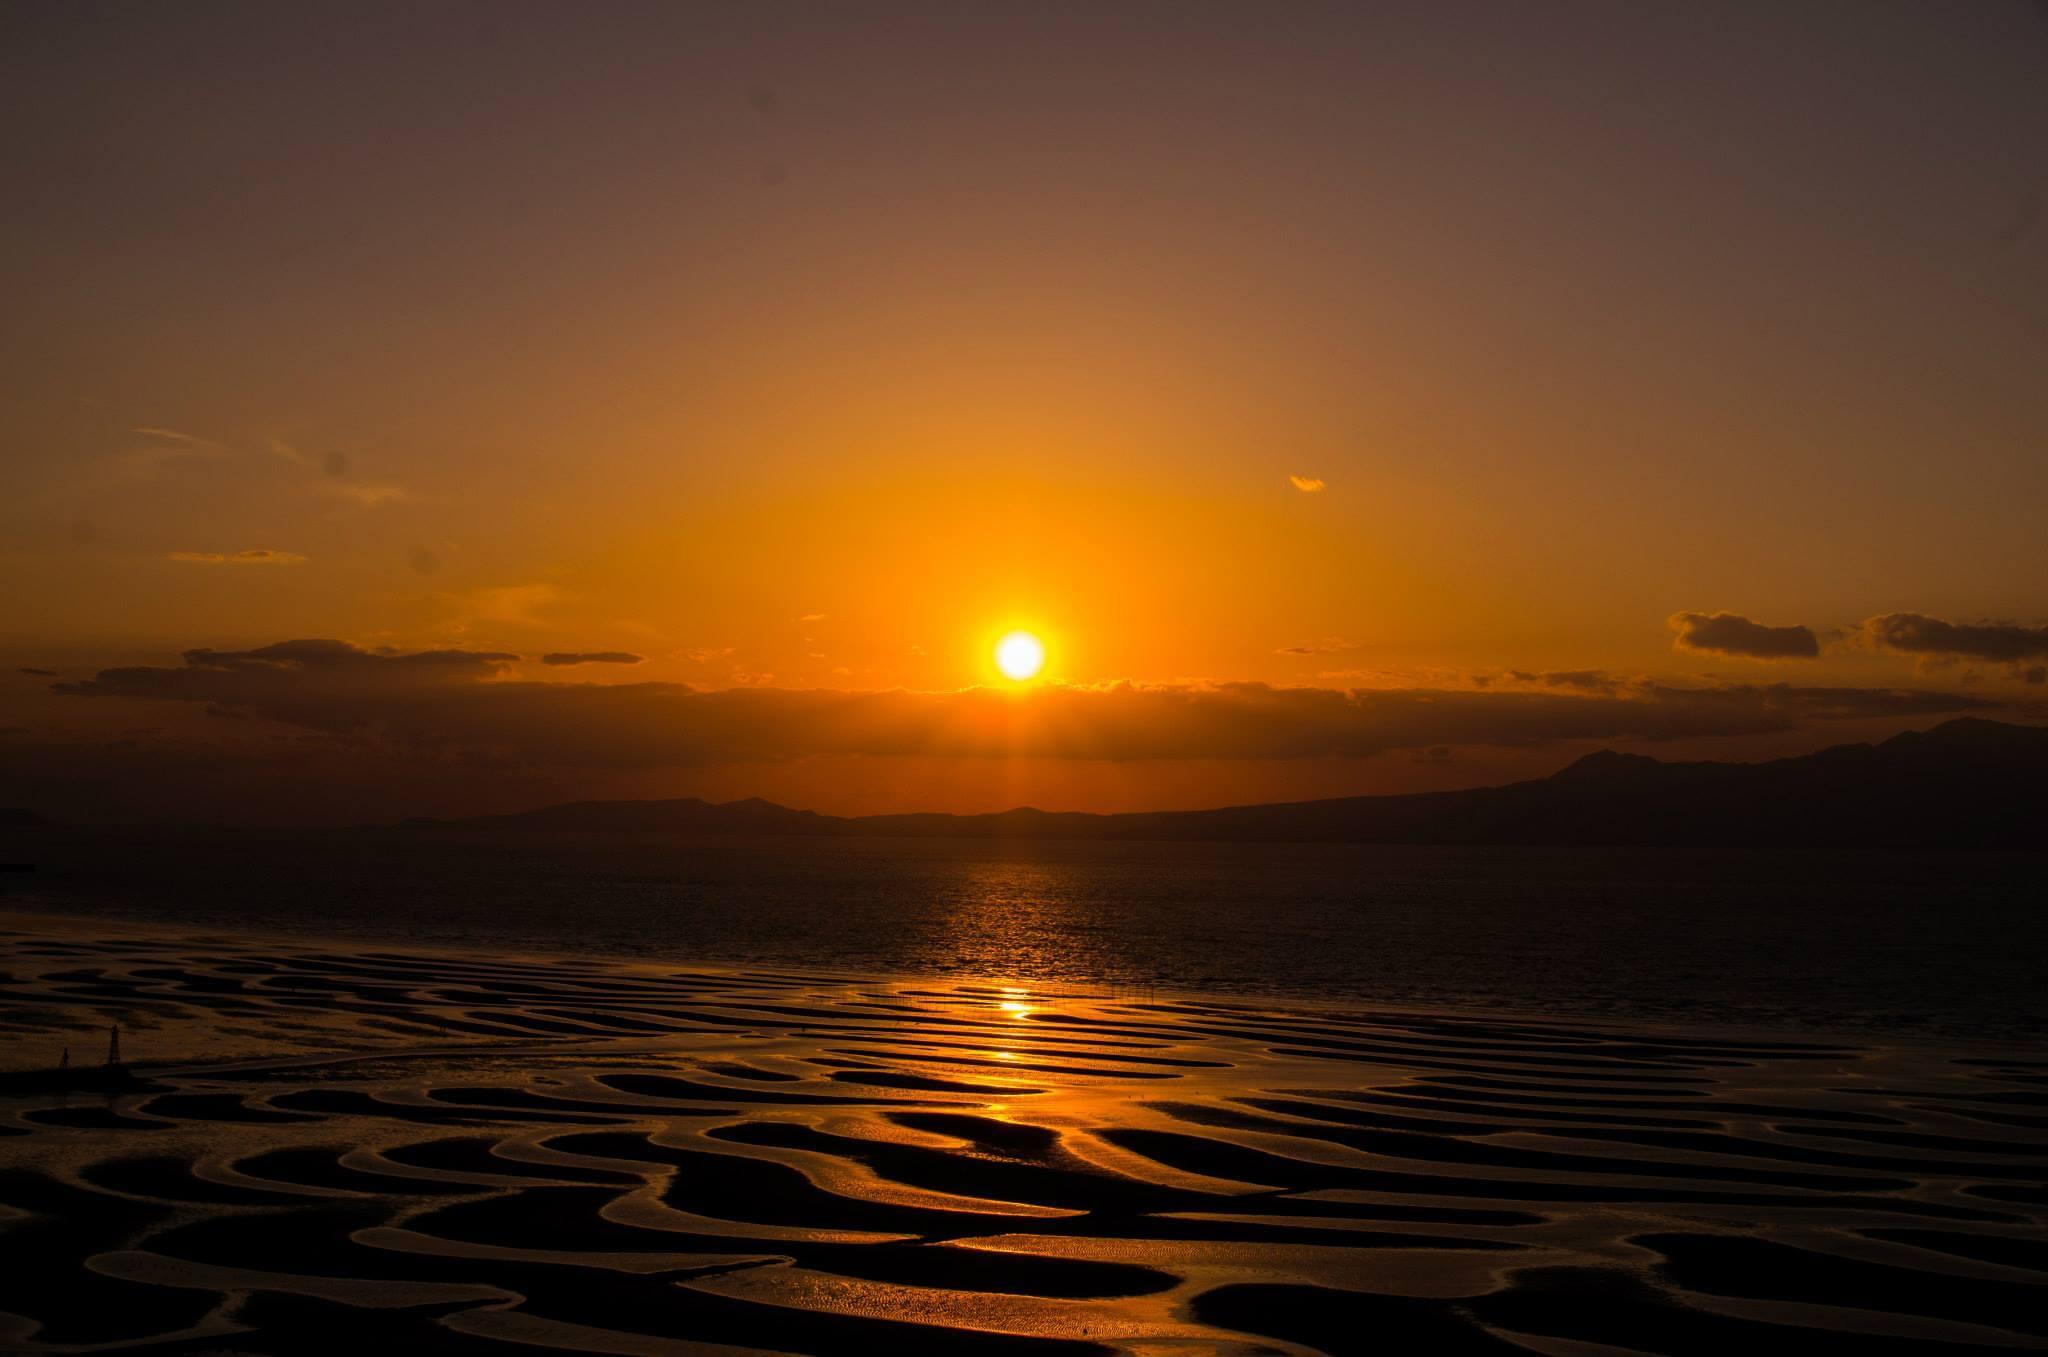 【御輿来海岸(おこしきかいがん)】熊本随一の夕日の名所。年数回だけは本当に奇跡の絶景。